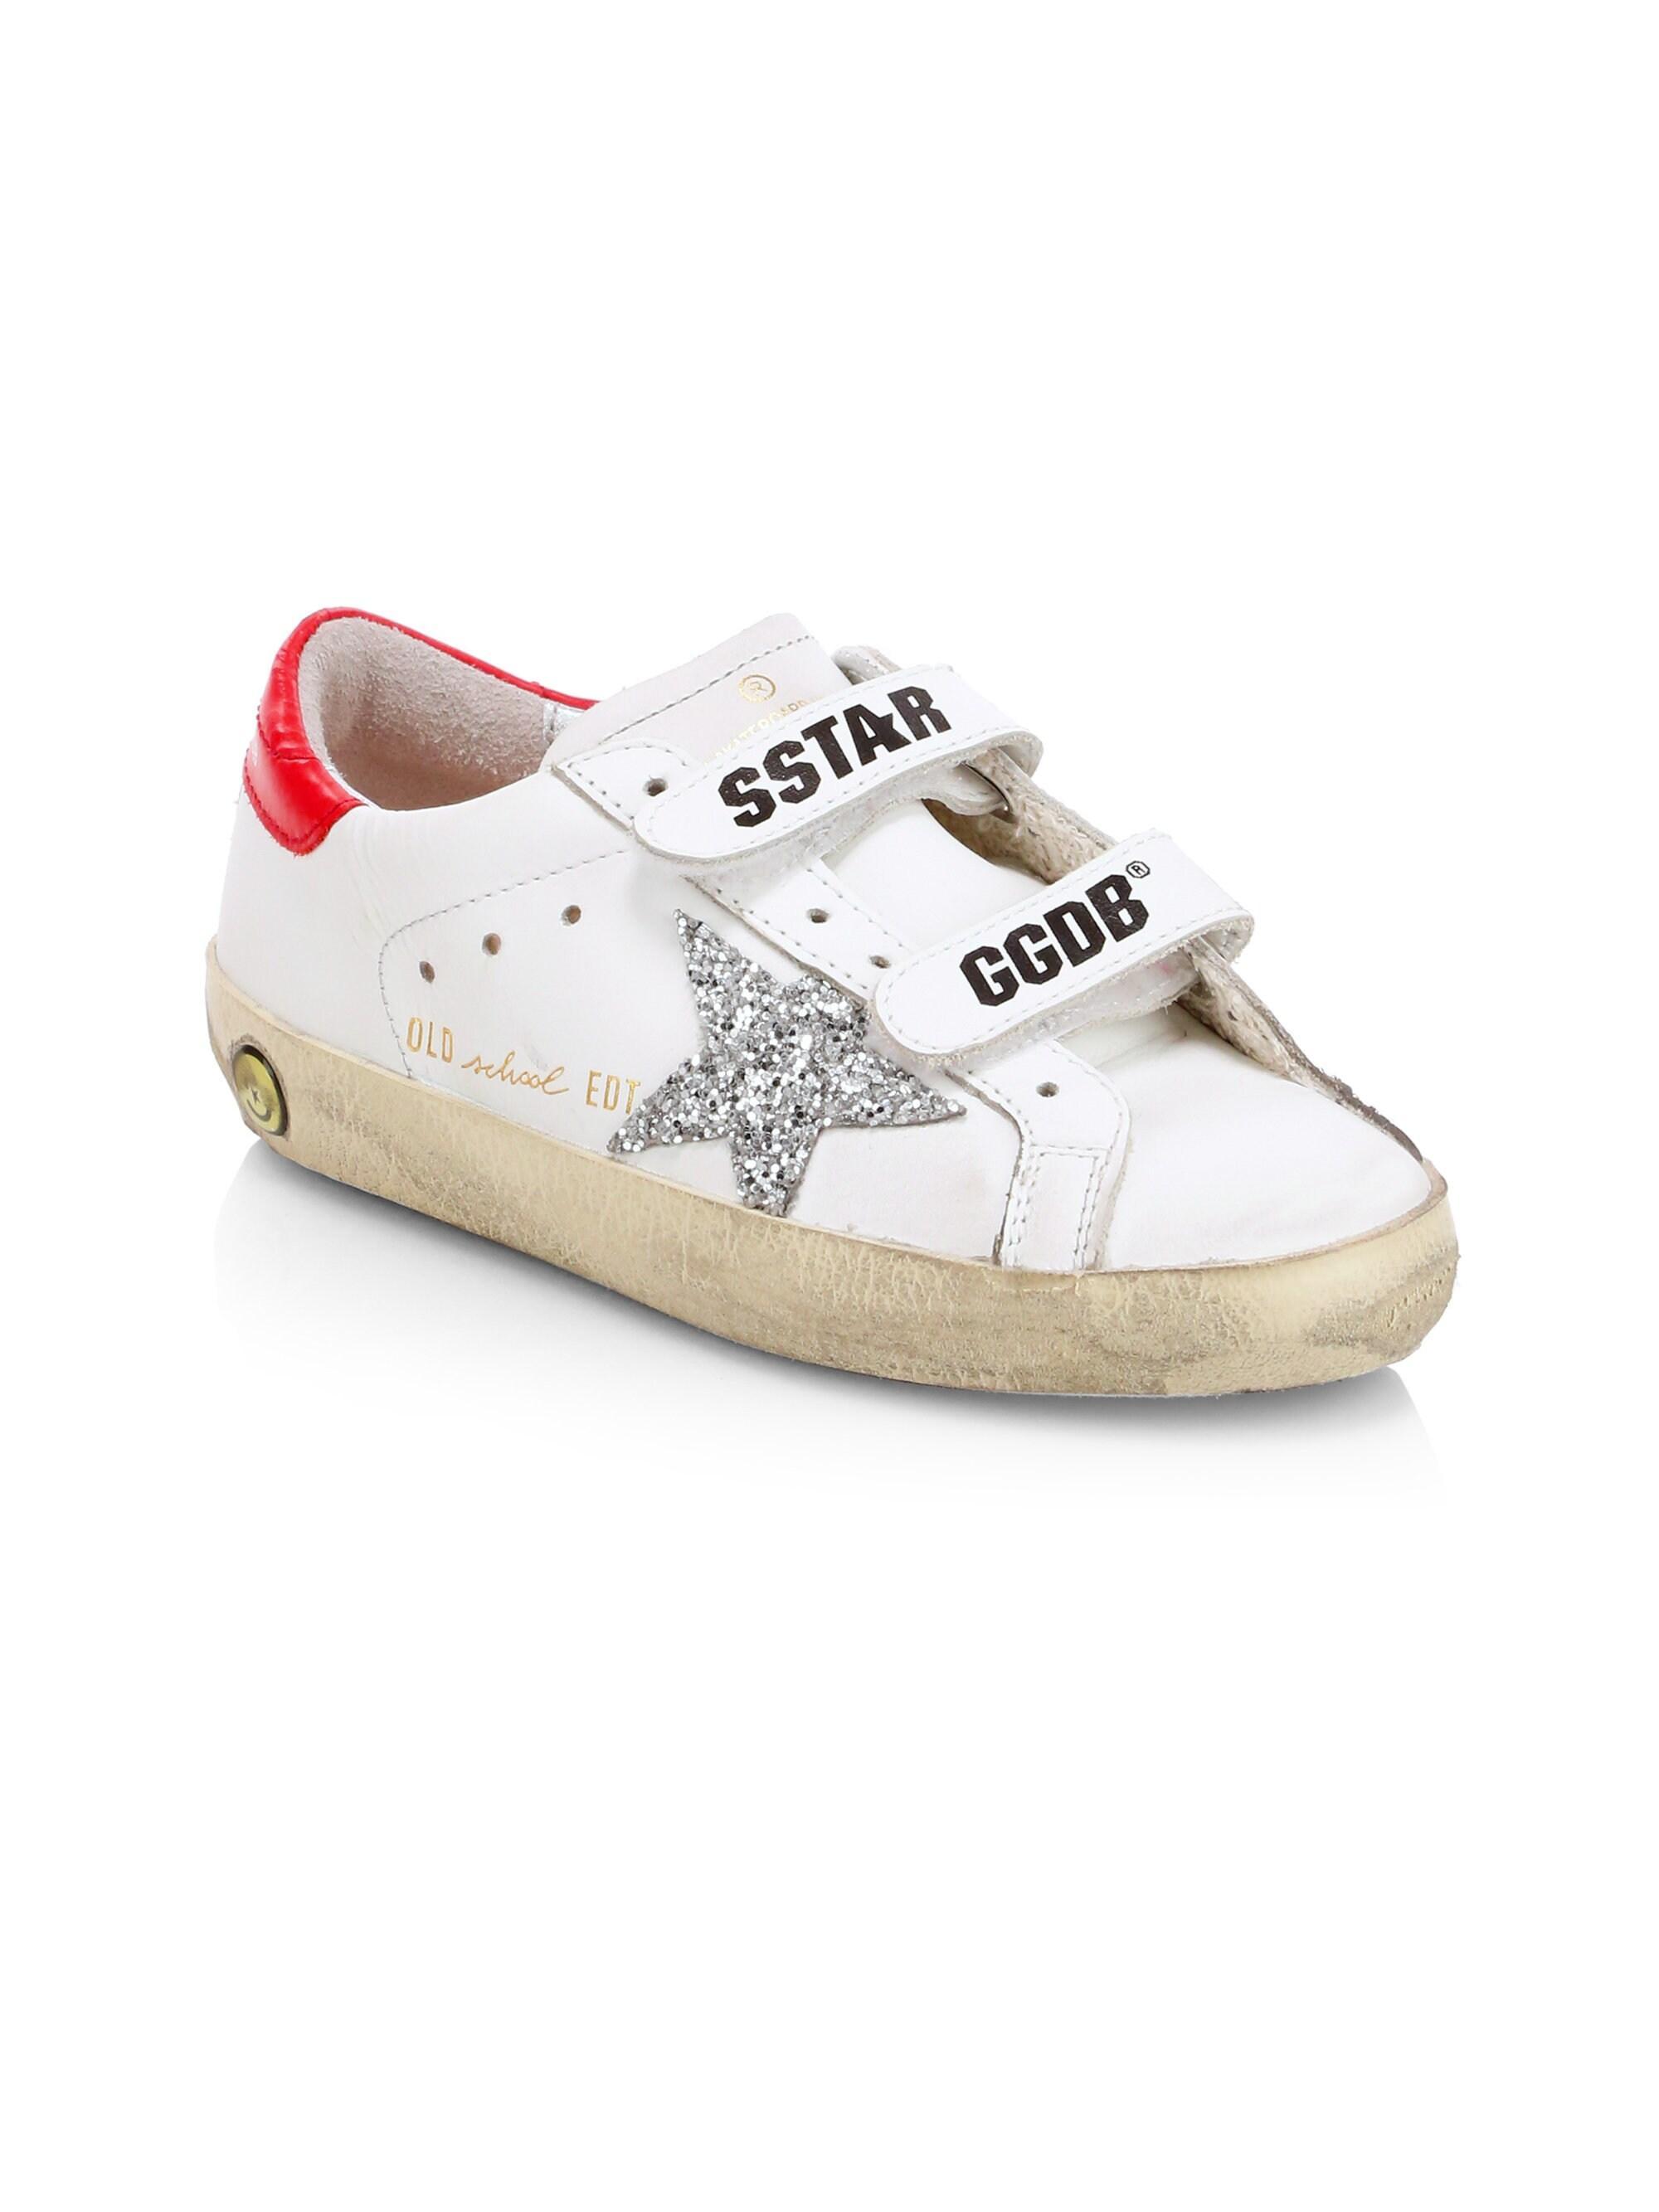 64cb3d6ebb0 Golden Goose Deluxe Brand. Men s Baby s   Kid s Old School Leather Sneakers  ...